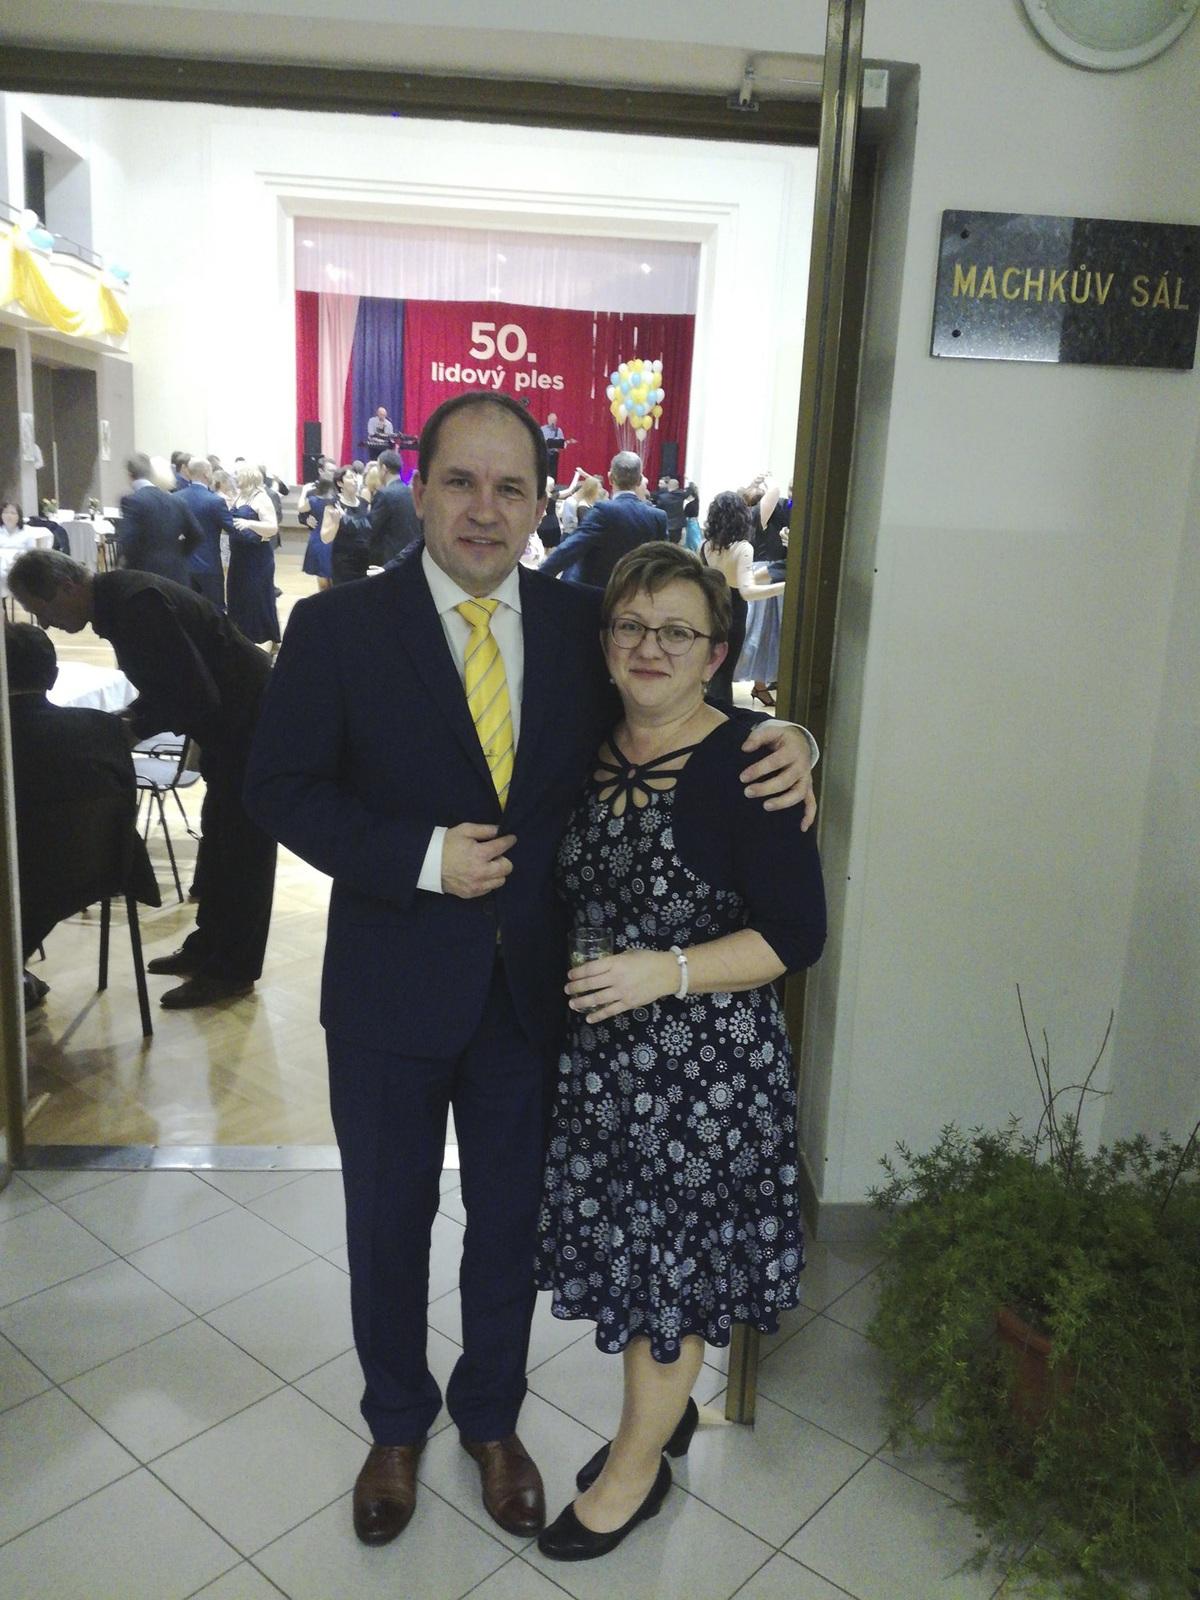 Šéf KDU-ČSL Marek Výborný s manželkou Markétou.